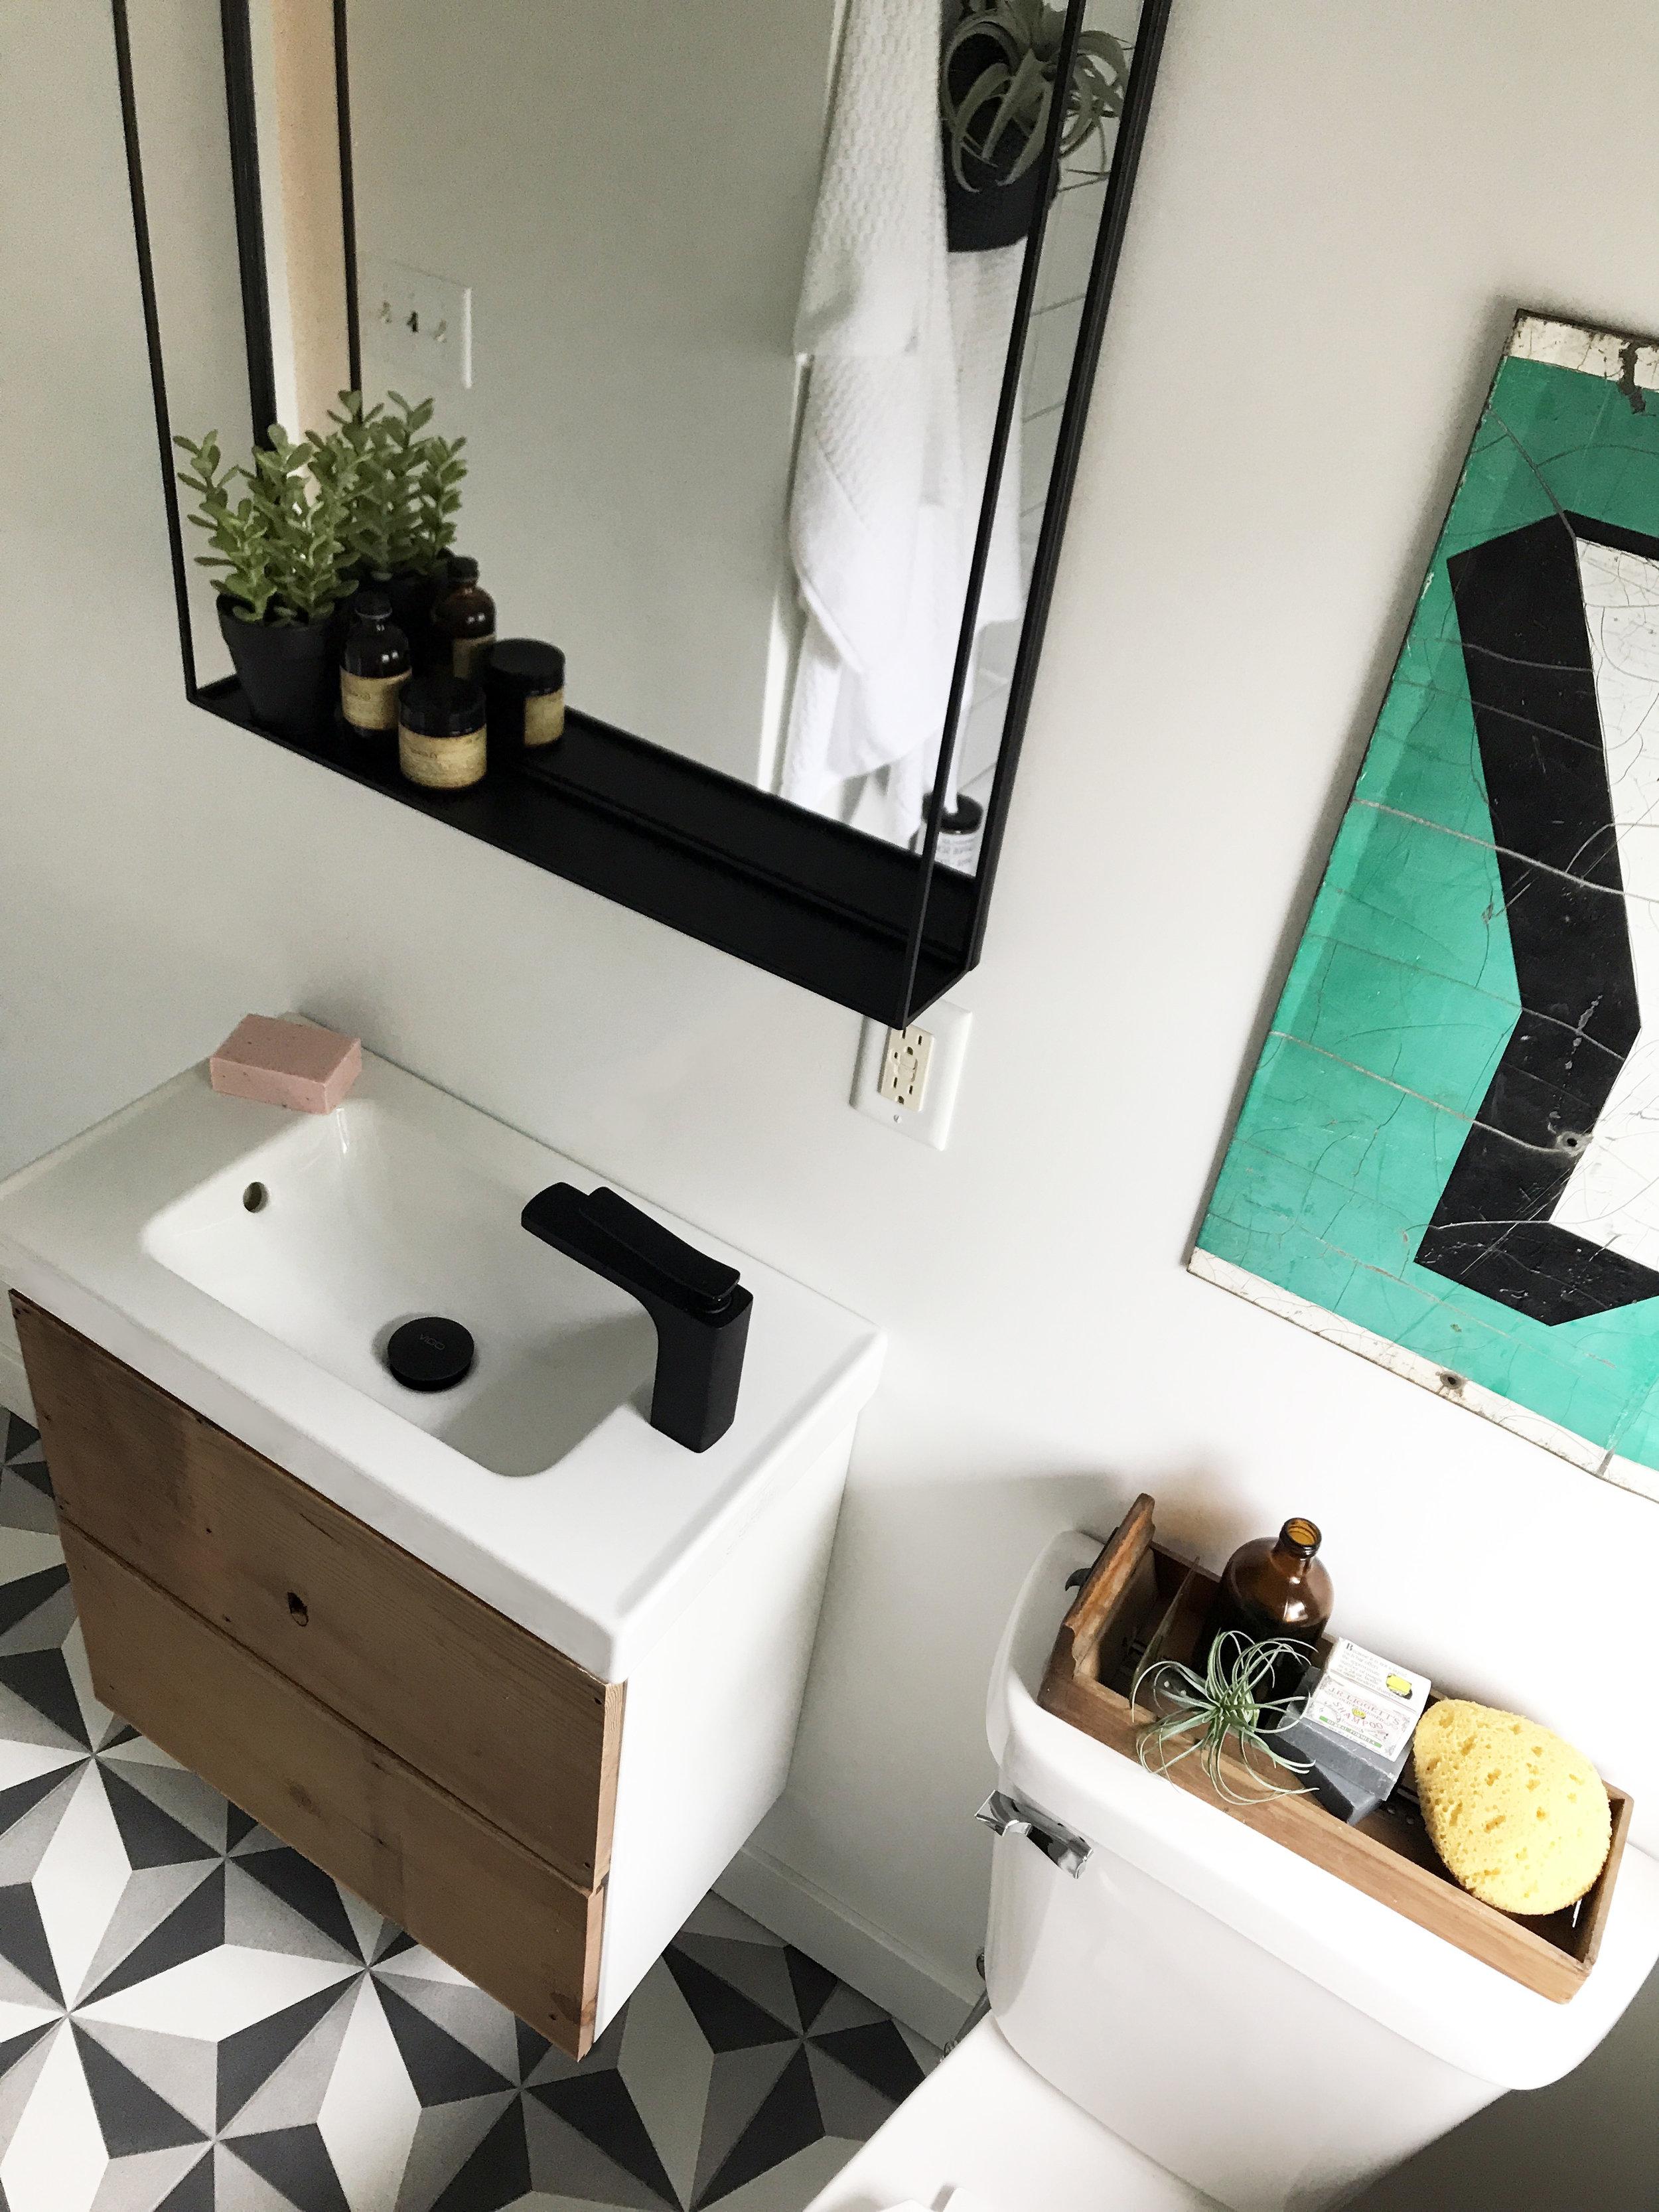 bathroom top down new edit.jpg